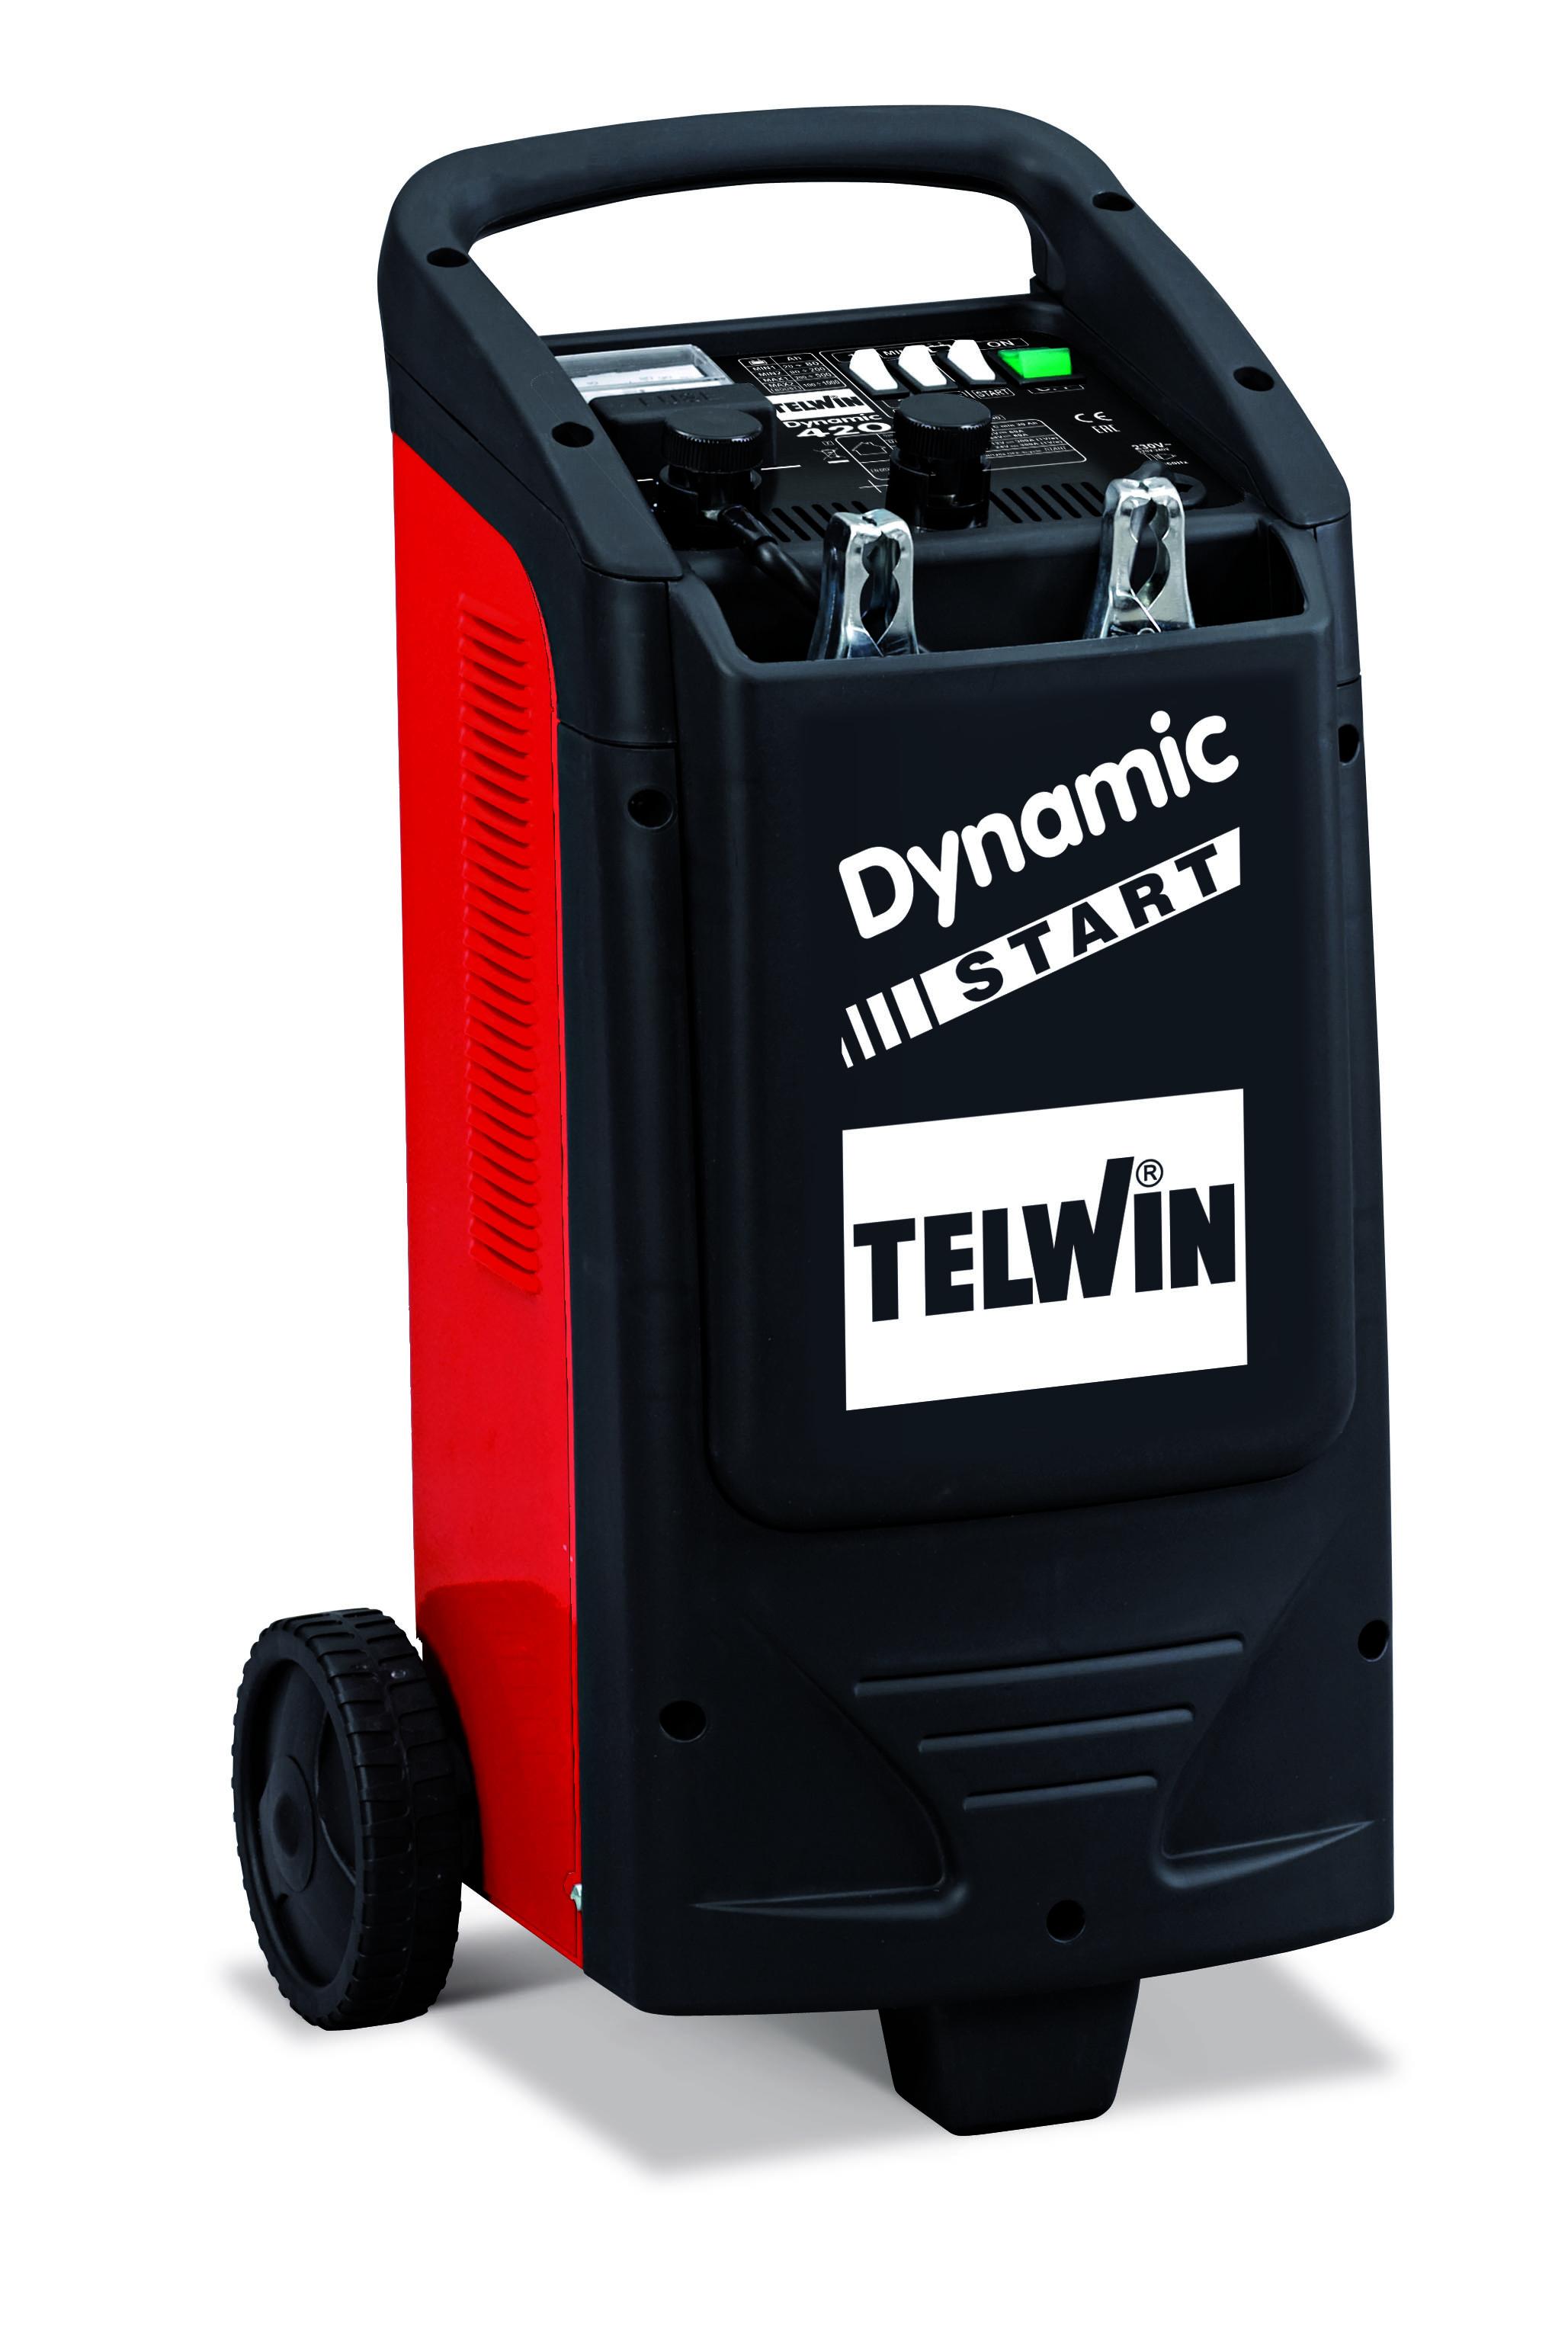 TELWIN 829382 - DYNAMIC 420 START 230V 12-24V, Car Battery Jump Starter